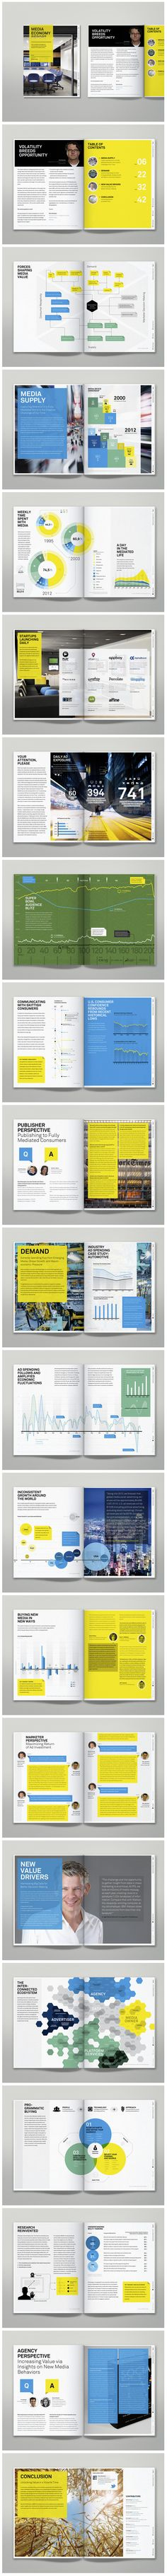 IPG Media Economy Report via Behance